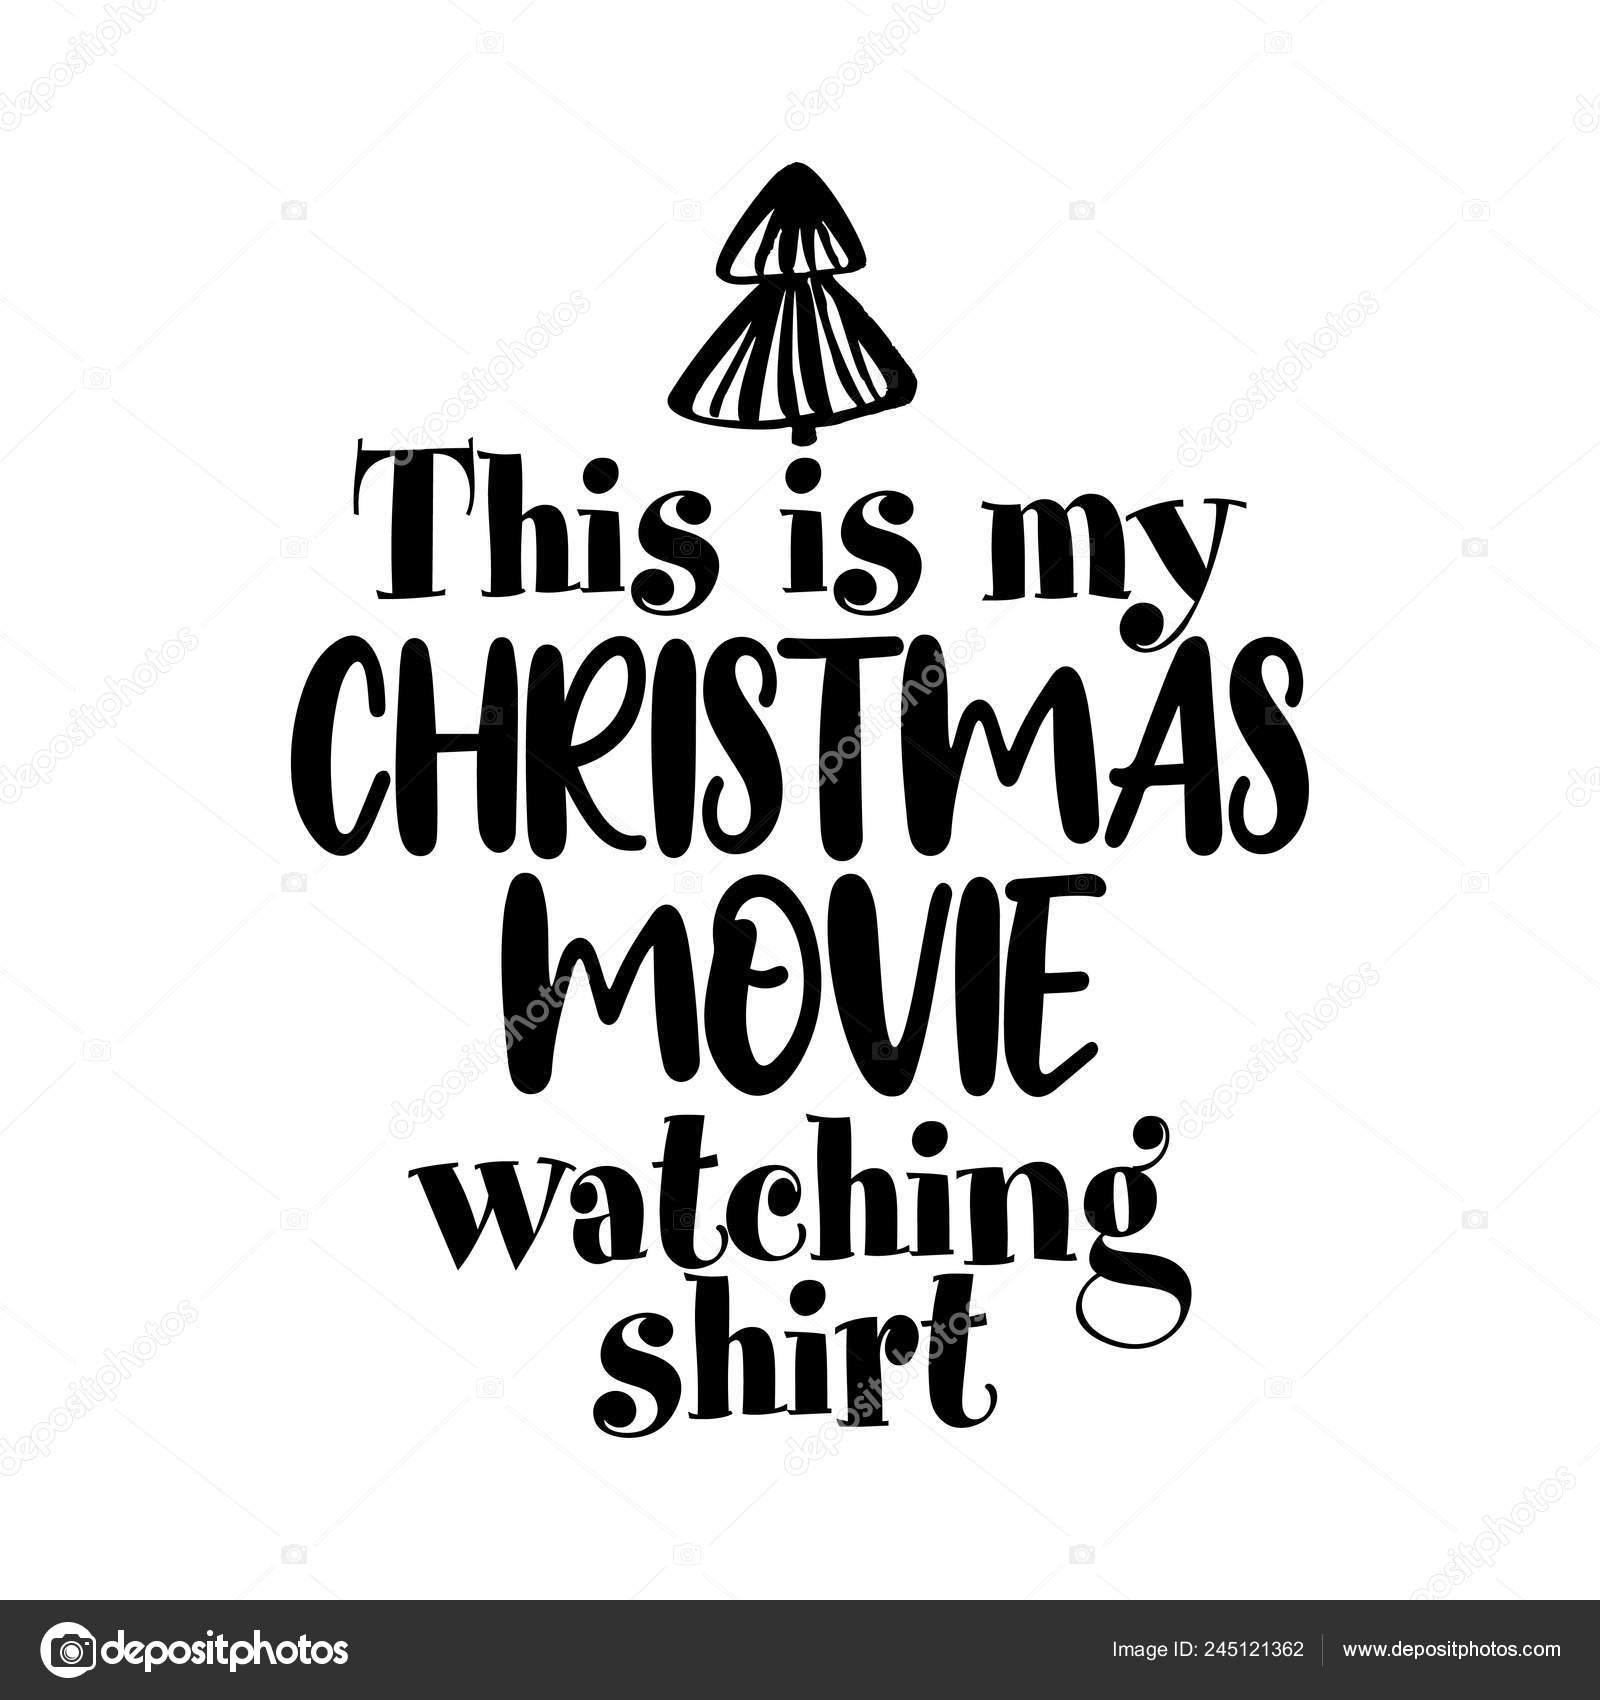 Frasi Di Natale Film.Questa Mia Camicia Guarda Film Natale Frase Calligrafia Natale